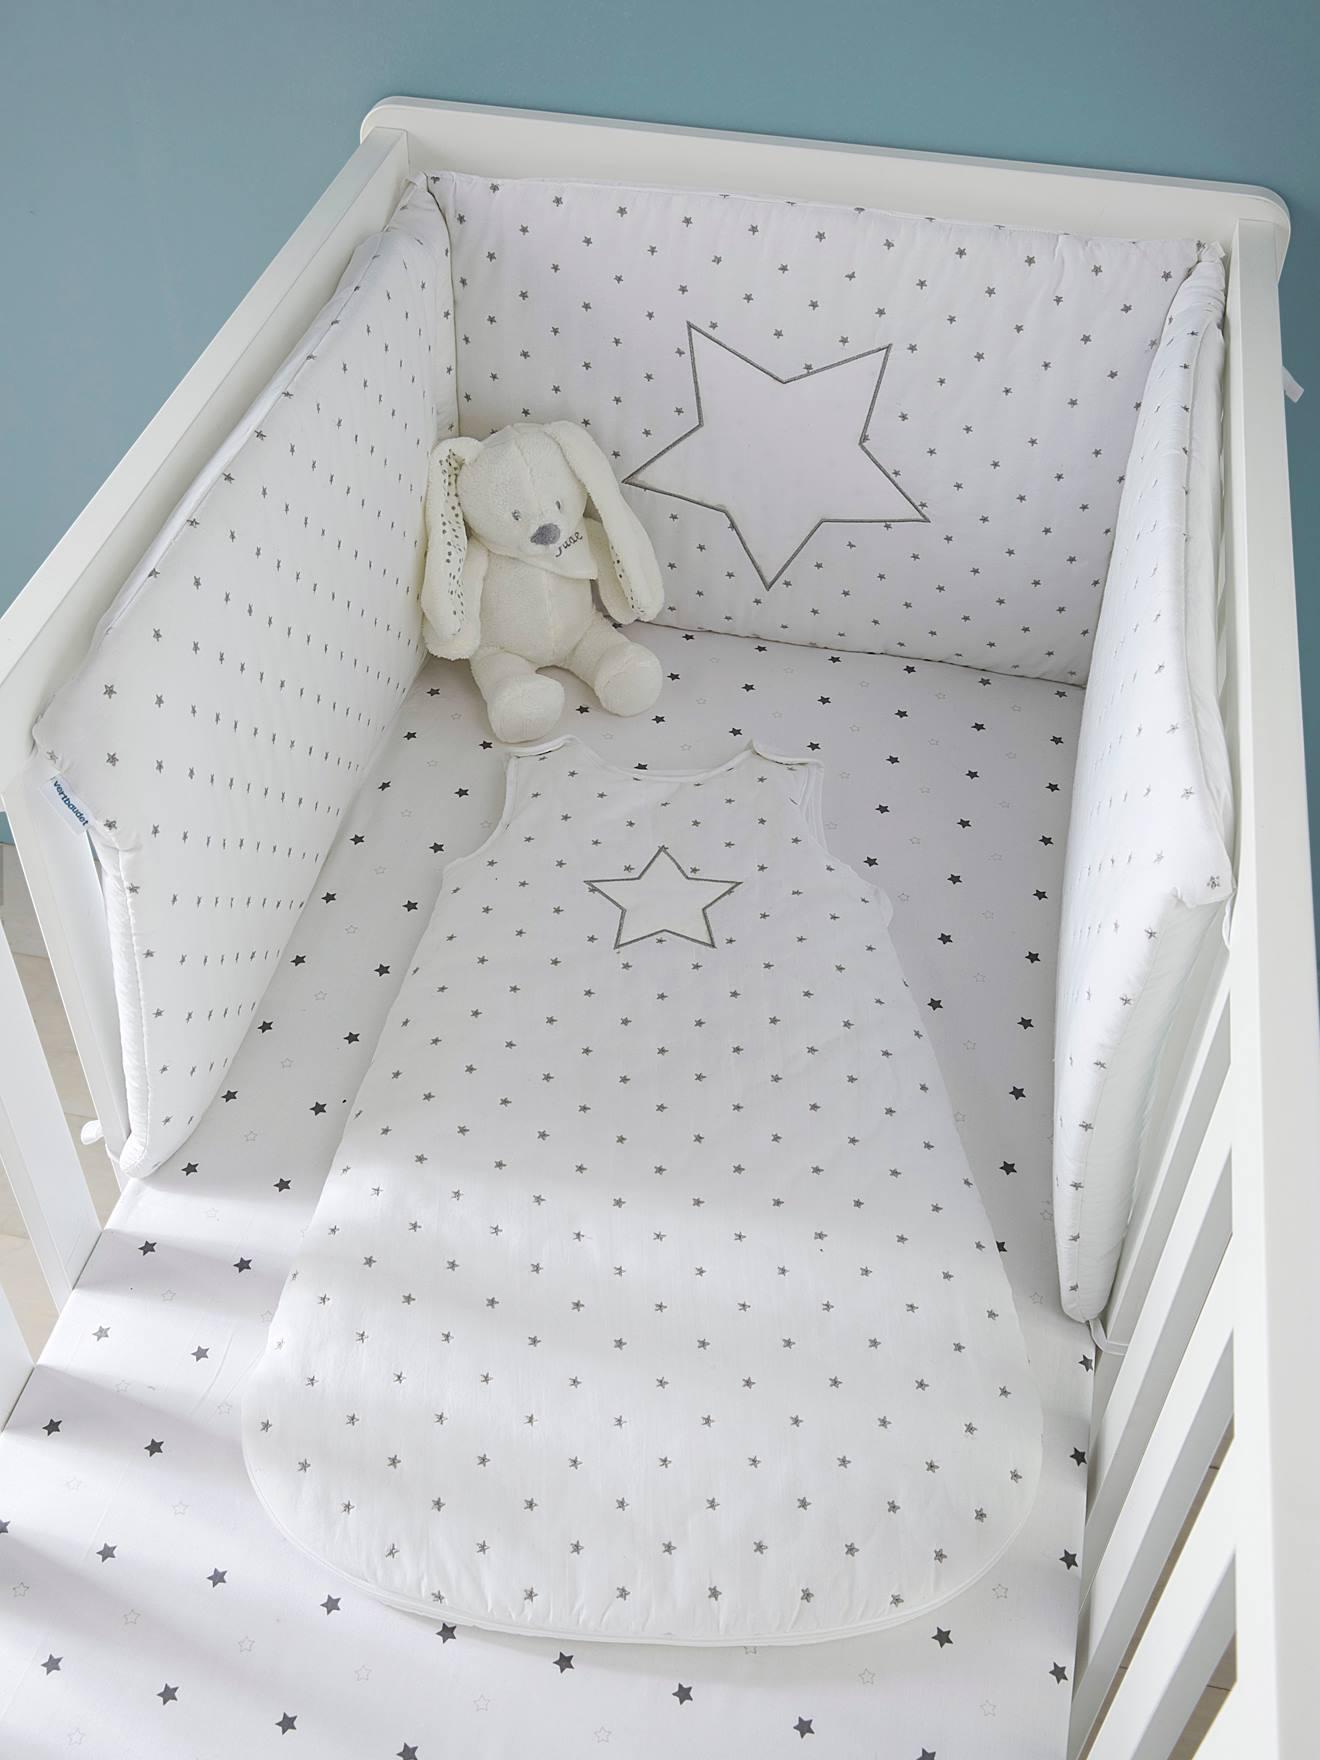 tour de lit blanc et beige capuchon tour de lit beigegris. Black Bedroom Furniture Sets. Home Design Ideas